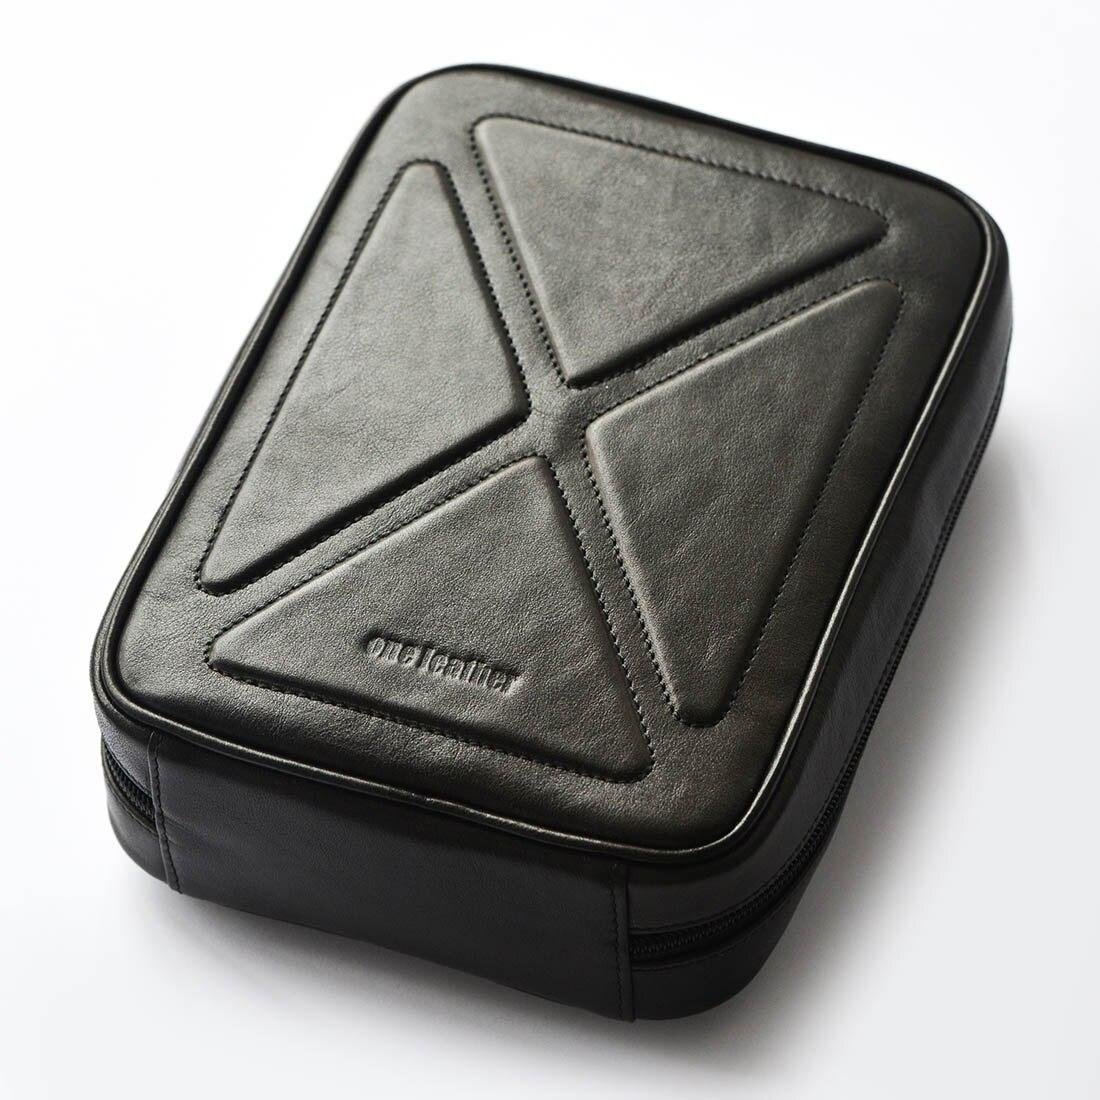 Pochette Portable en un cuir pour tuyau   Quatre tuyaux pour fumer, pochette pour tabac, sac de tuyau, accessoires de tabagisme, cadeau pour homme